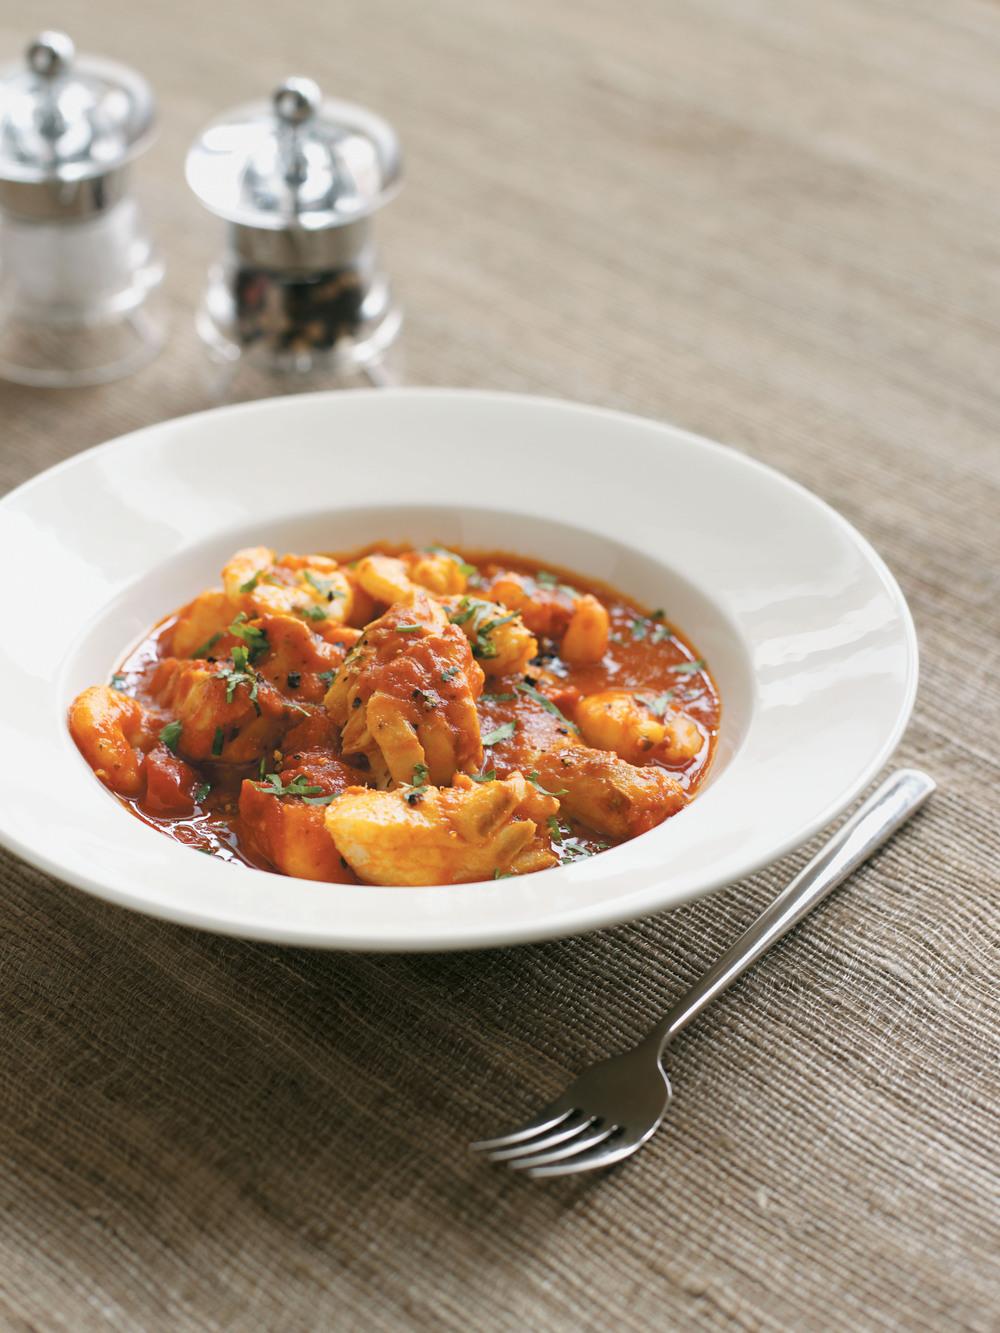 Rich tomato wine and fish stew recipe for Tomato fish stew